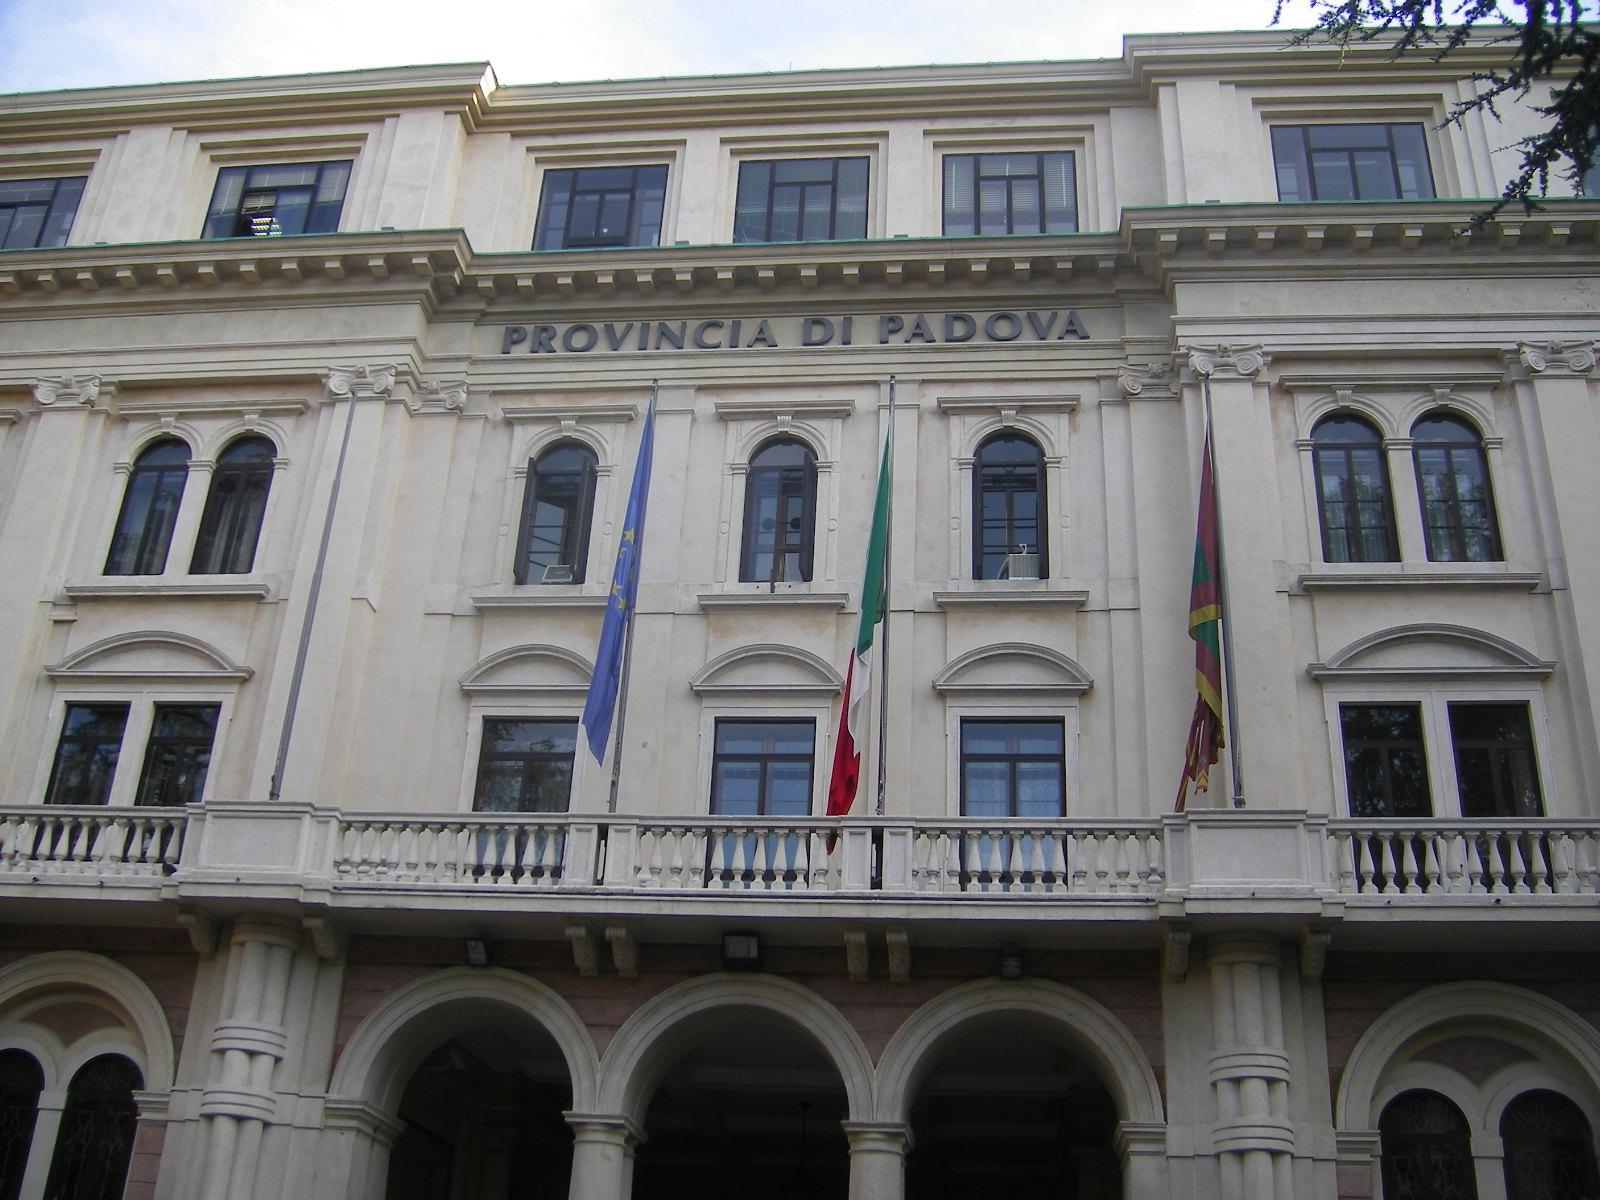 Provincia Di Di Provincia Wikipedia Padova Padova zVMSUpq